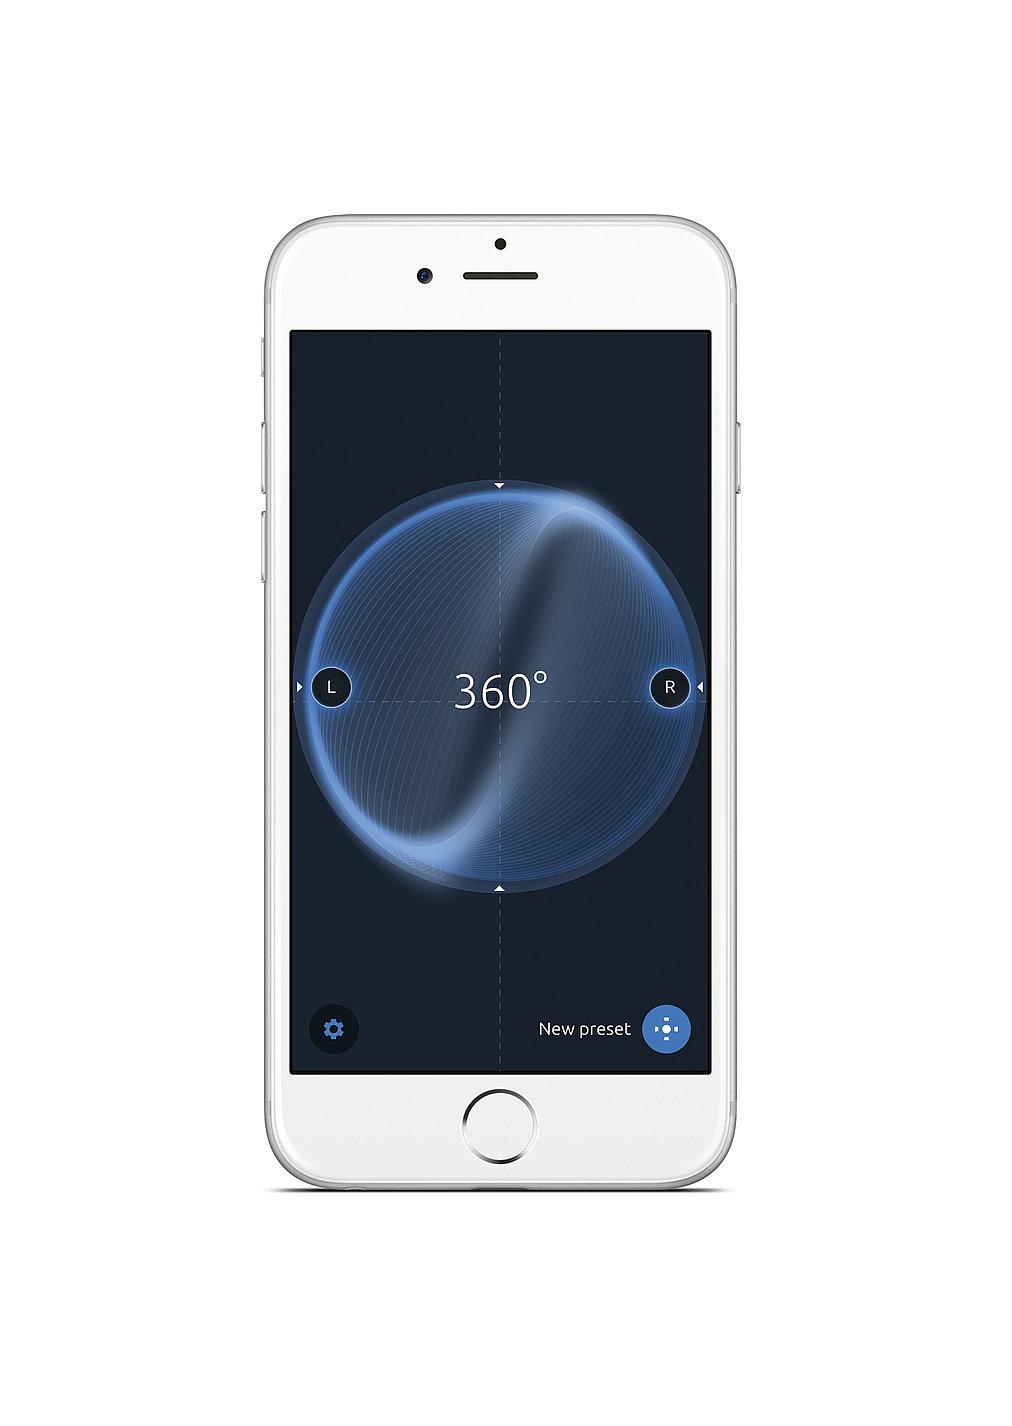 Lexicon SL-1 SoundSteer | Red Dot Design Award